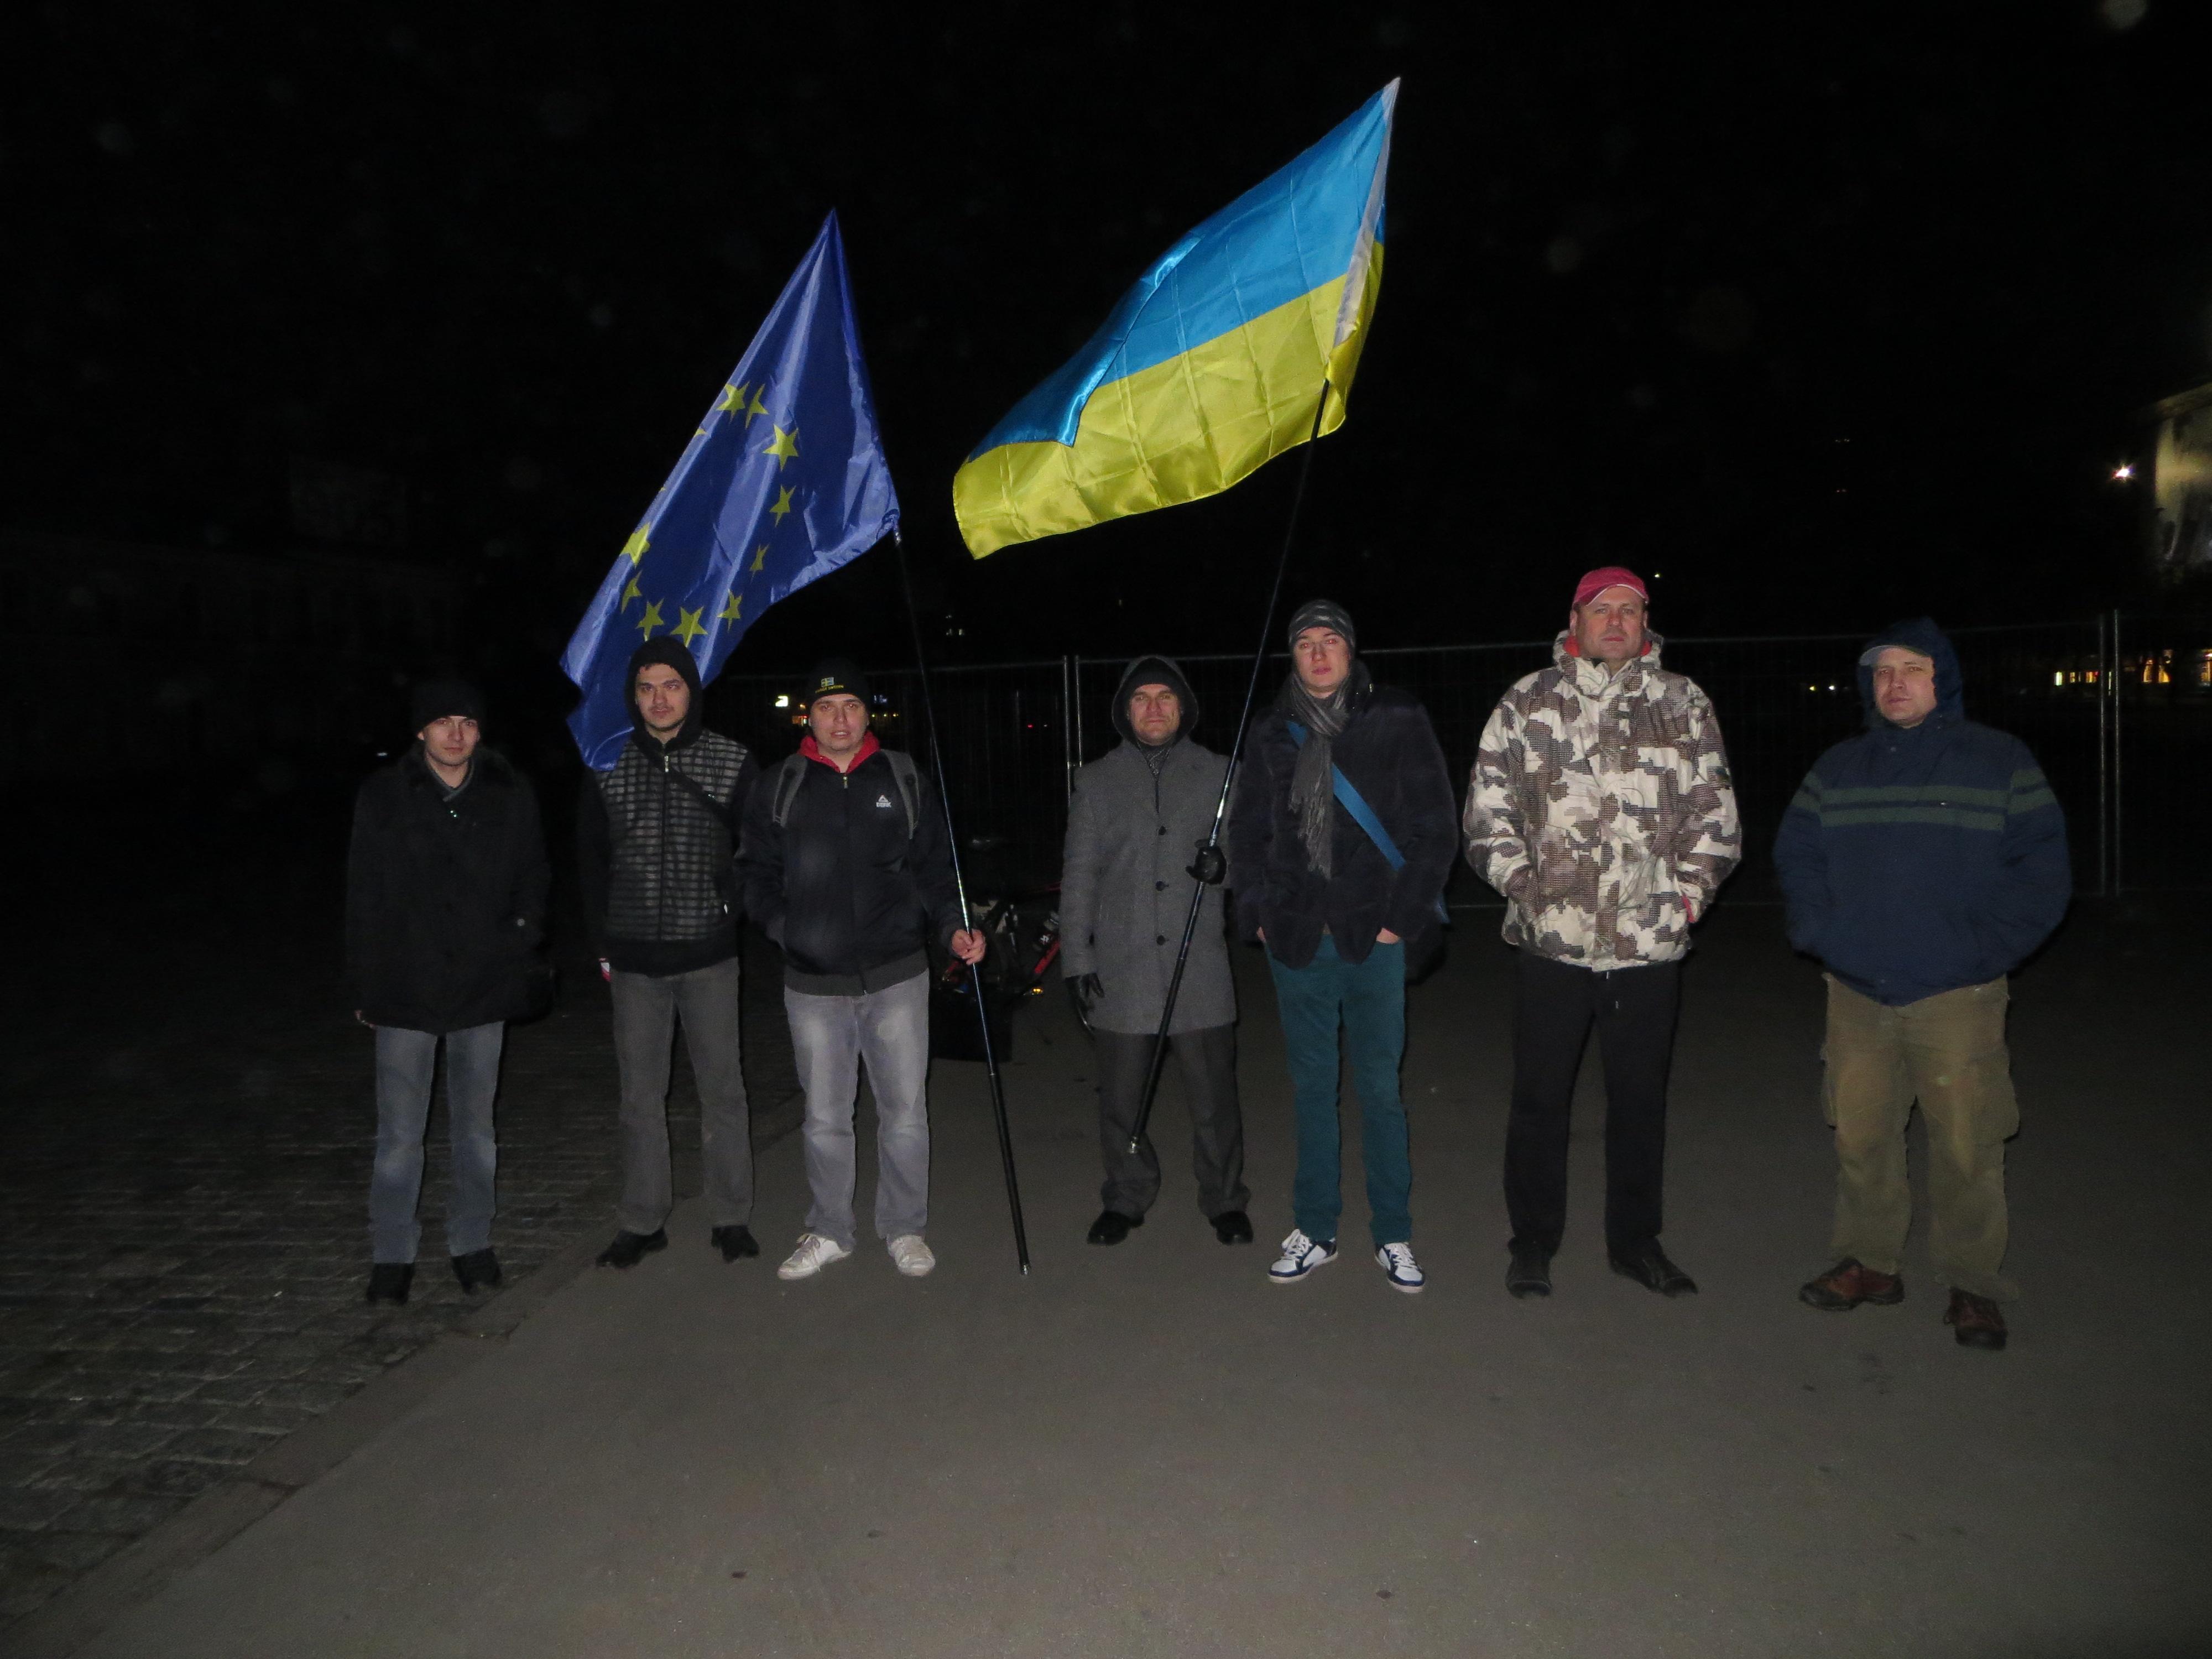 Харків, 2:30 ночі. #Євромайдан